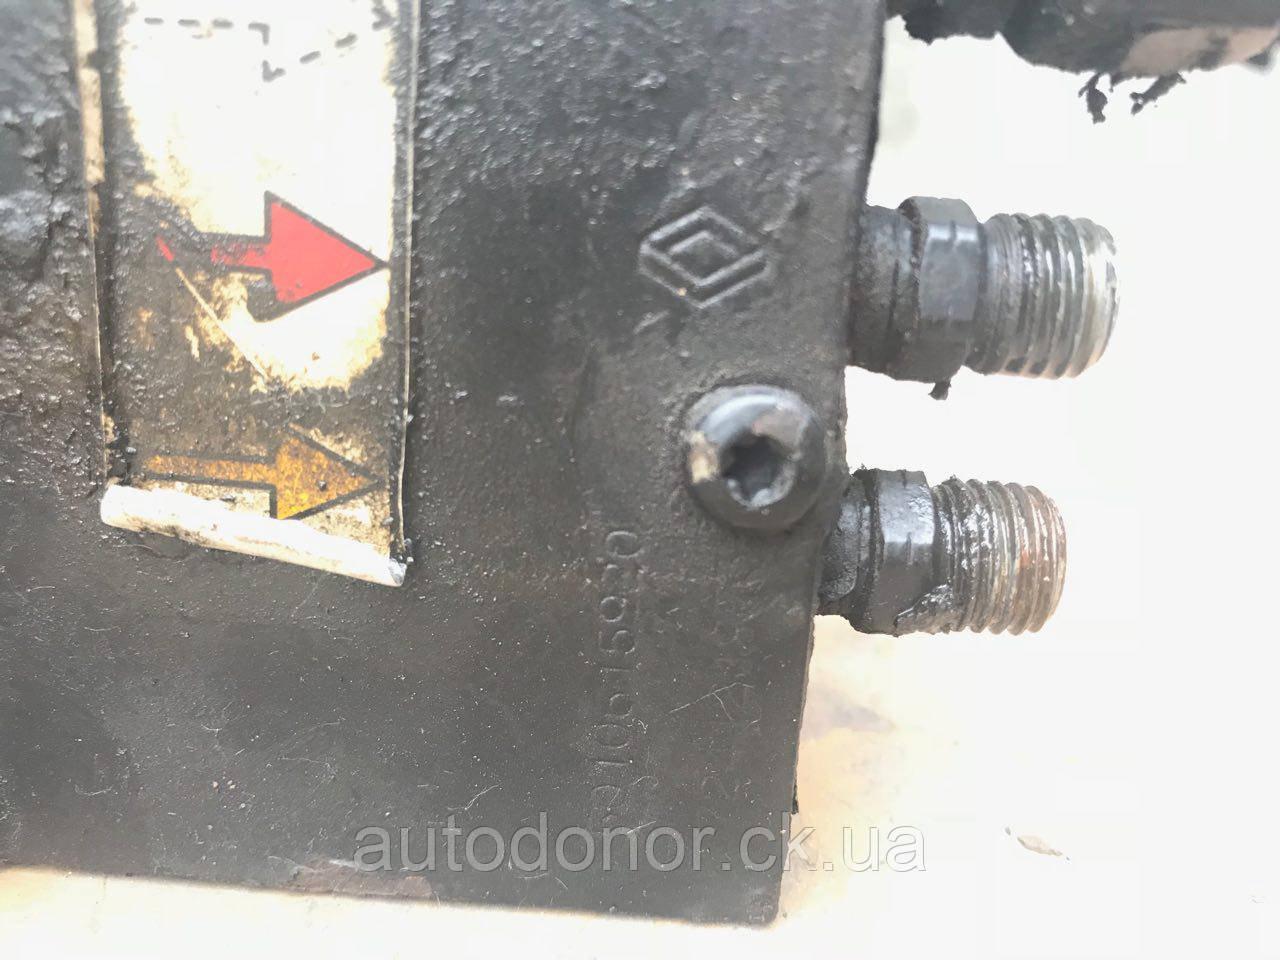 Насос поднятия кабины Renault/рено Magnum/магнум euro 5       код 5010615920